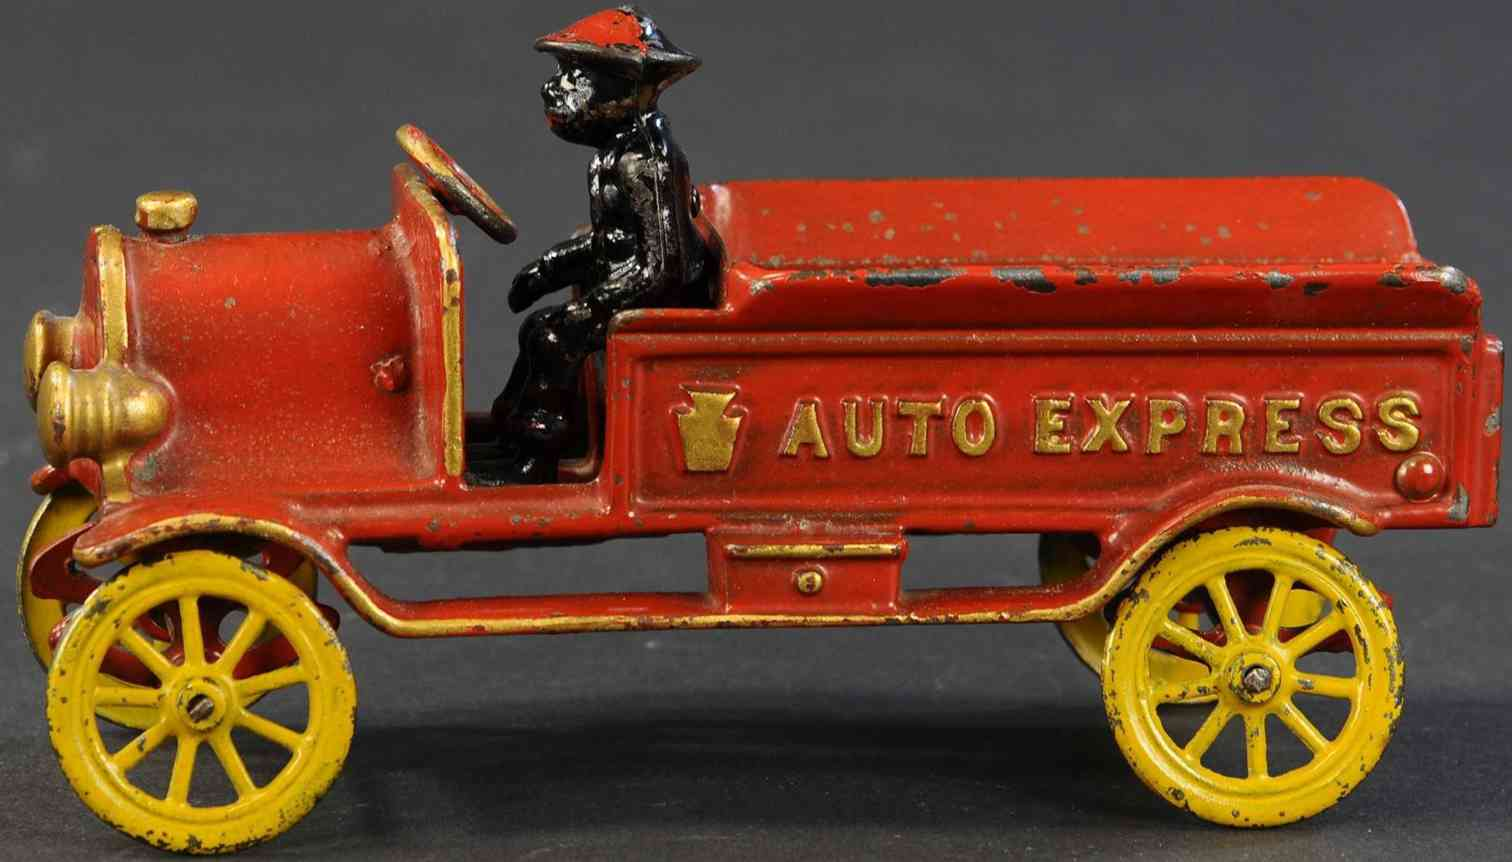 hubley spielzeug gusseisen lieferwagen auto express  rot